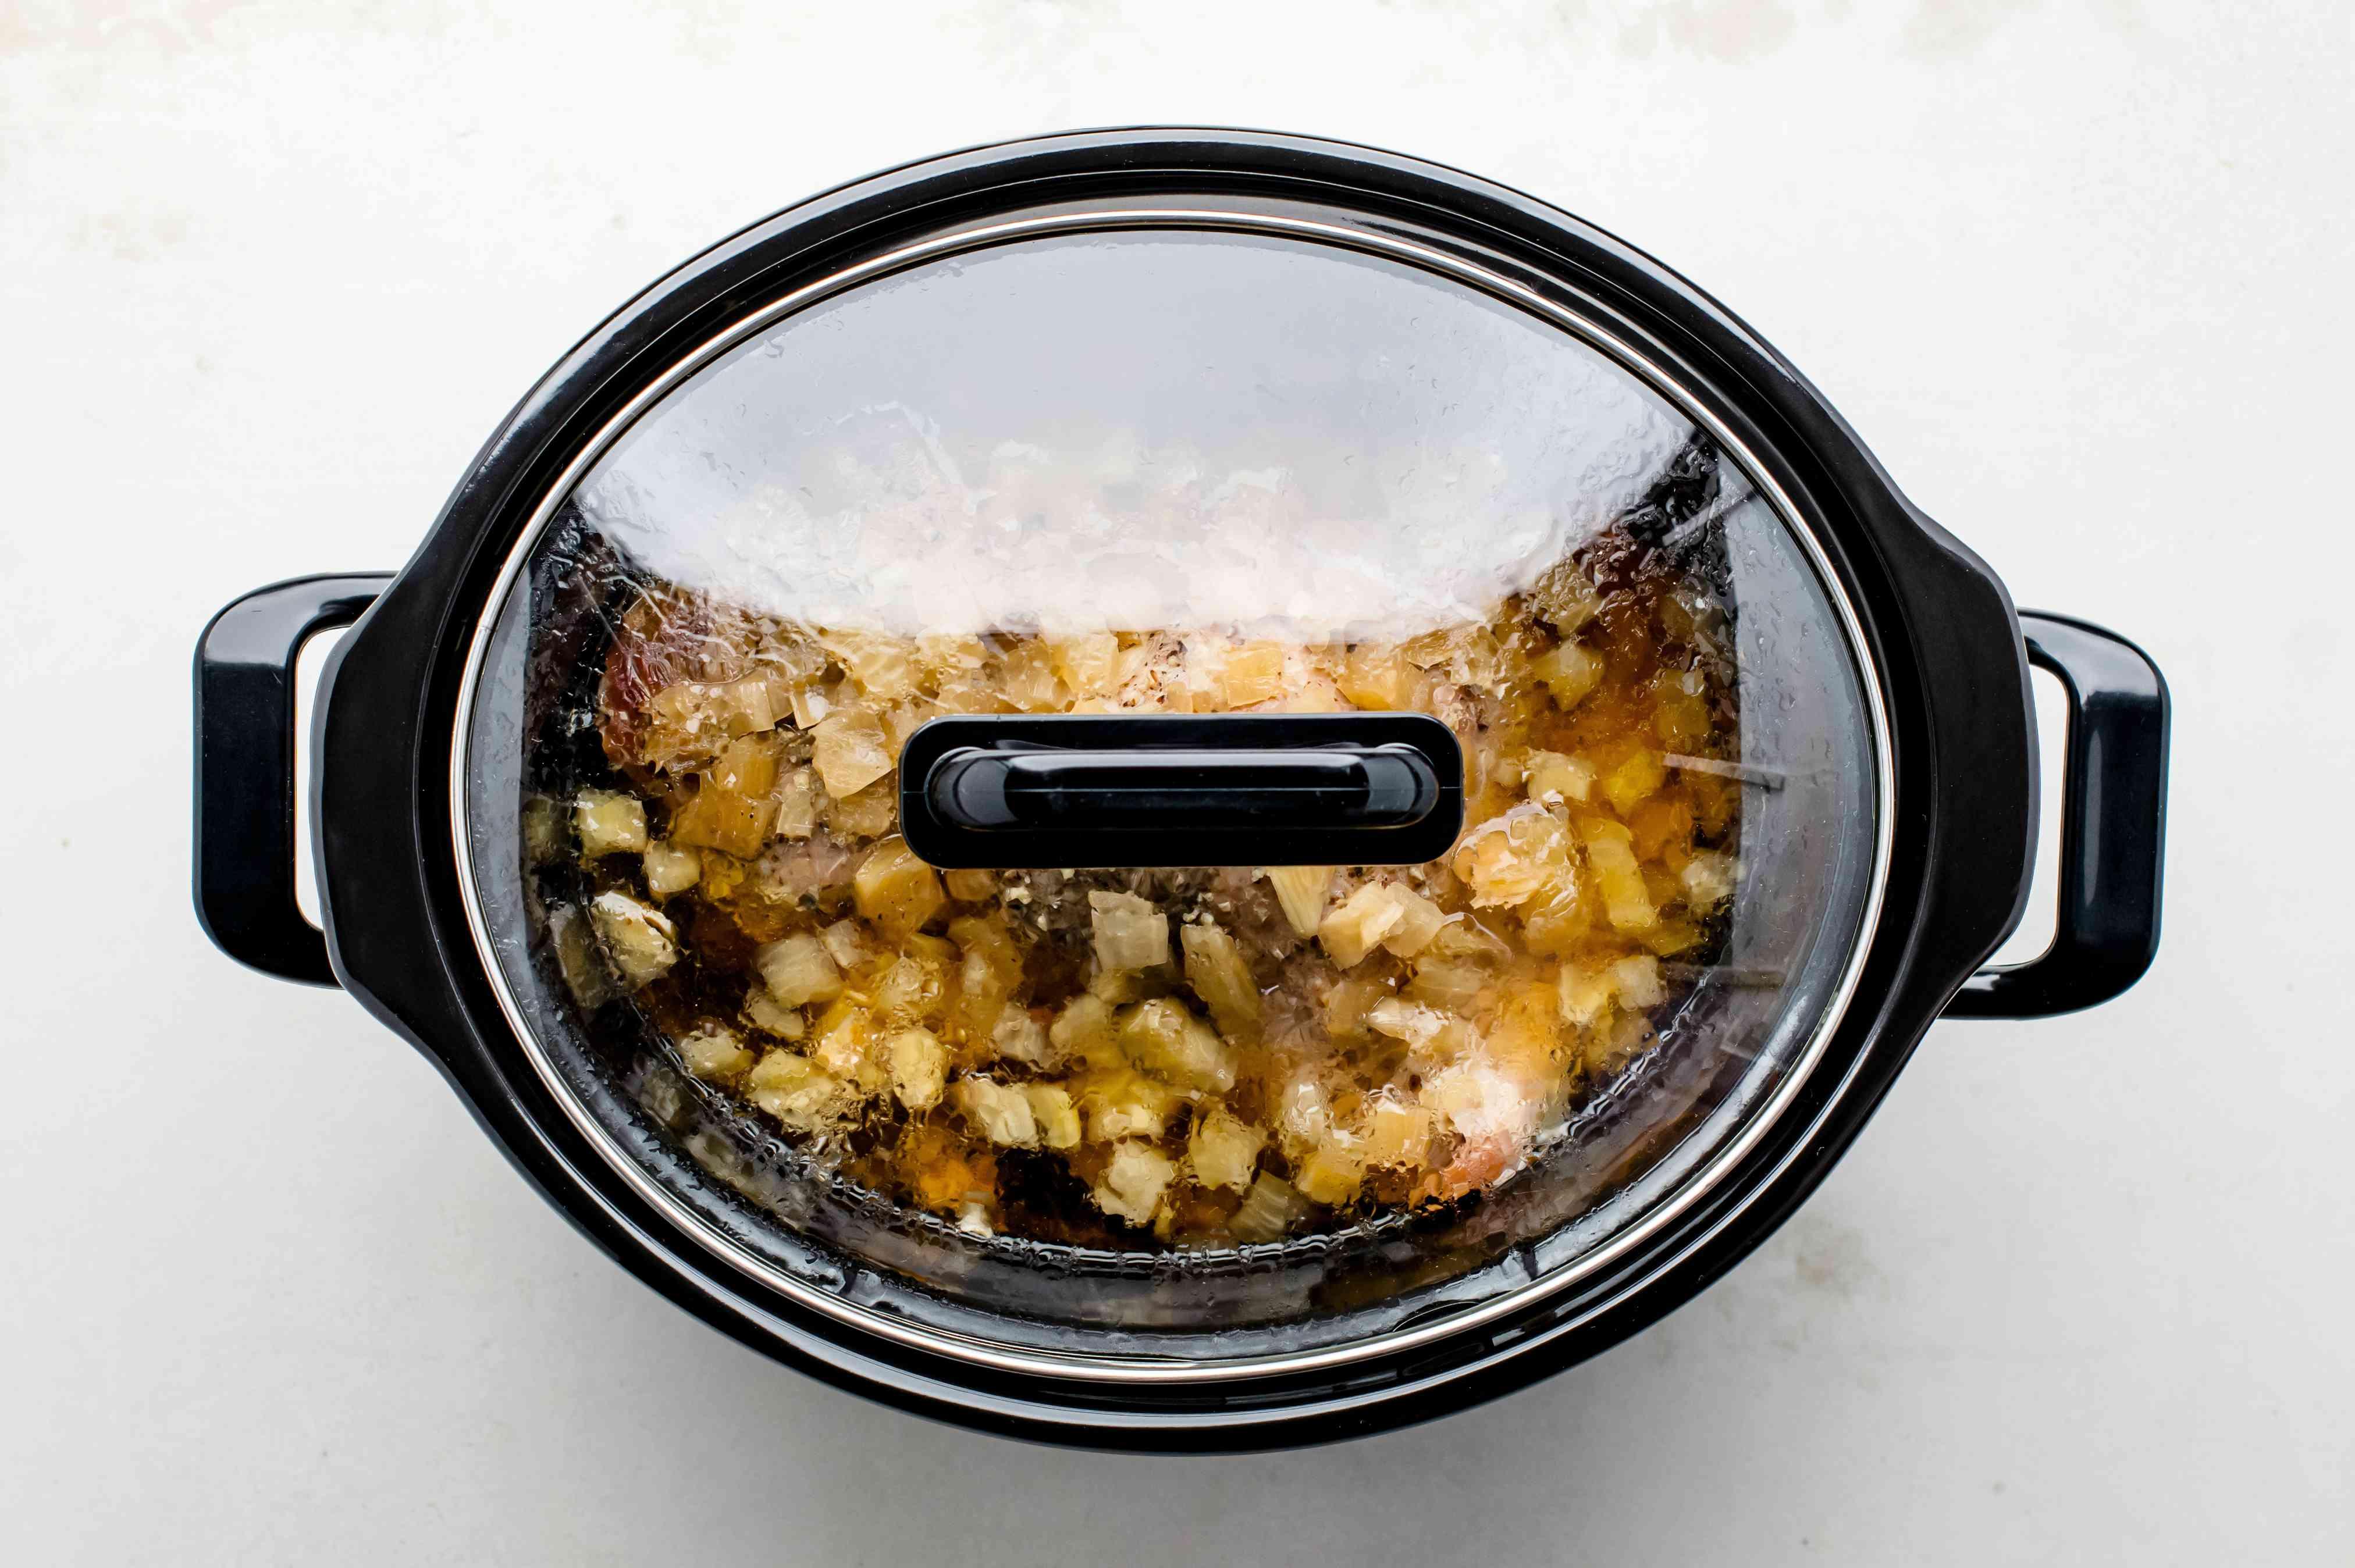 Pork in crock pot